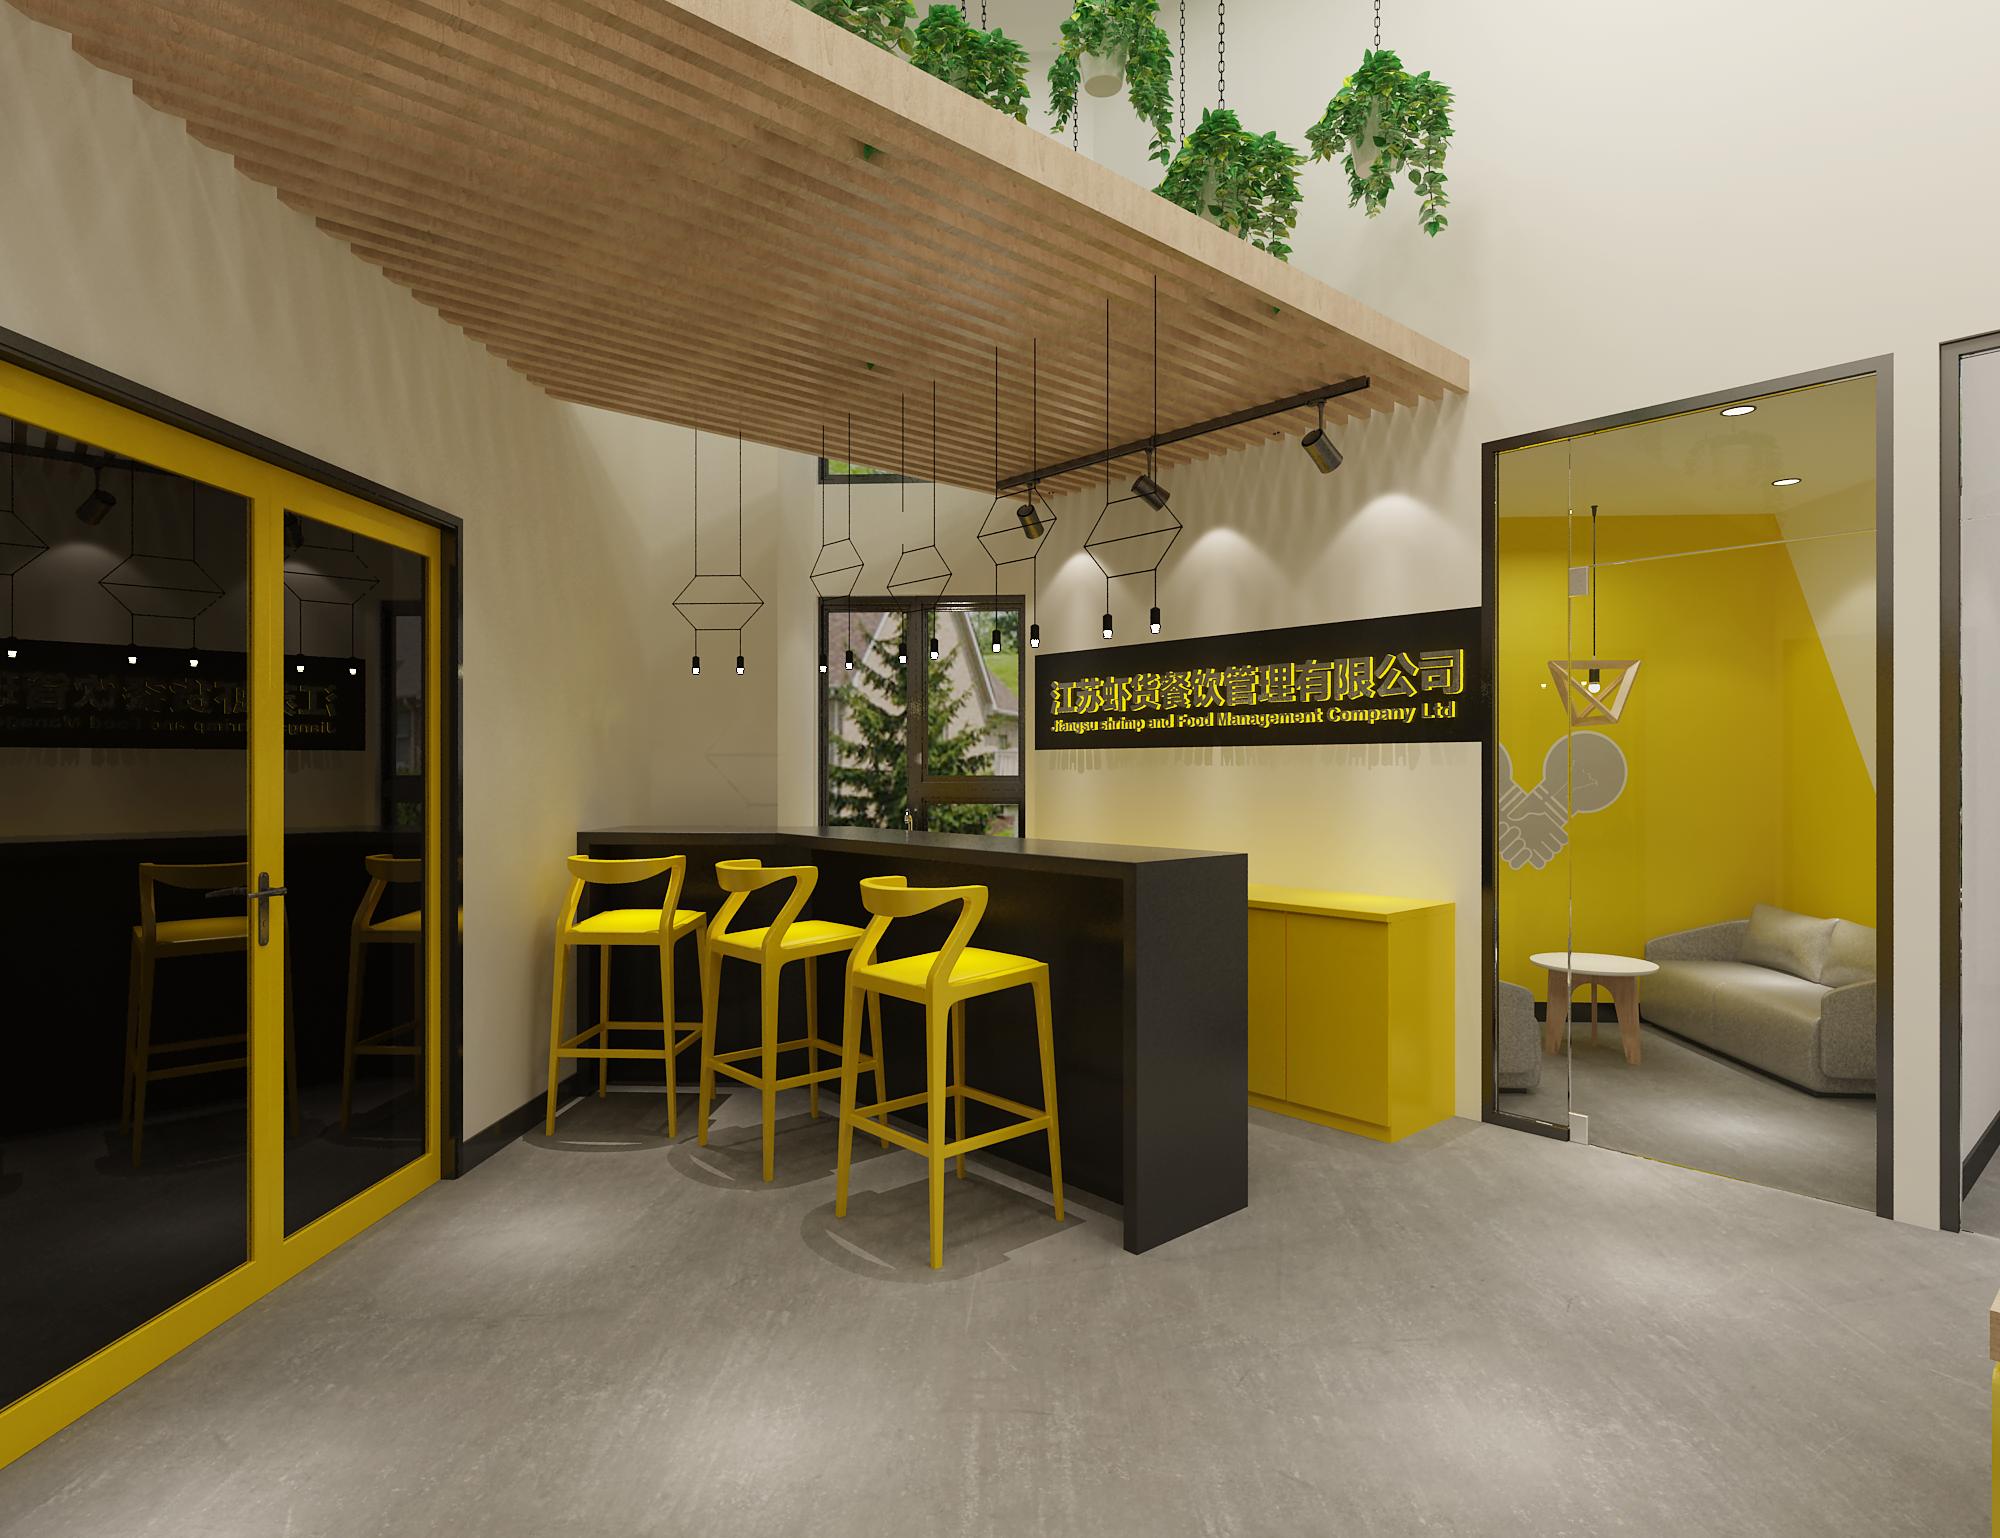 办公室工作室装修设计 展厅设计 室内设计 效果图 店铺装修